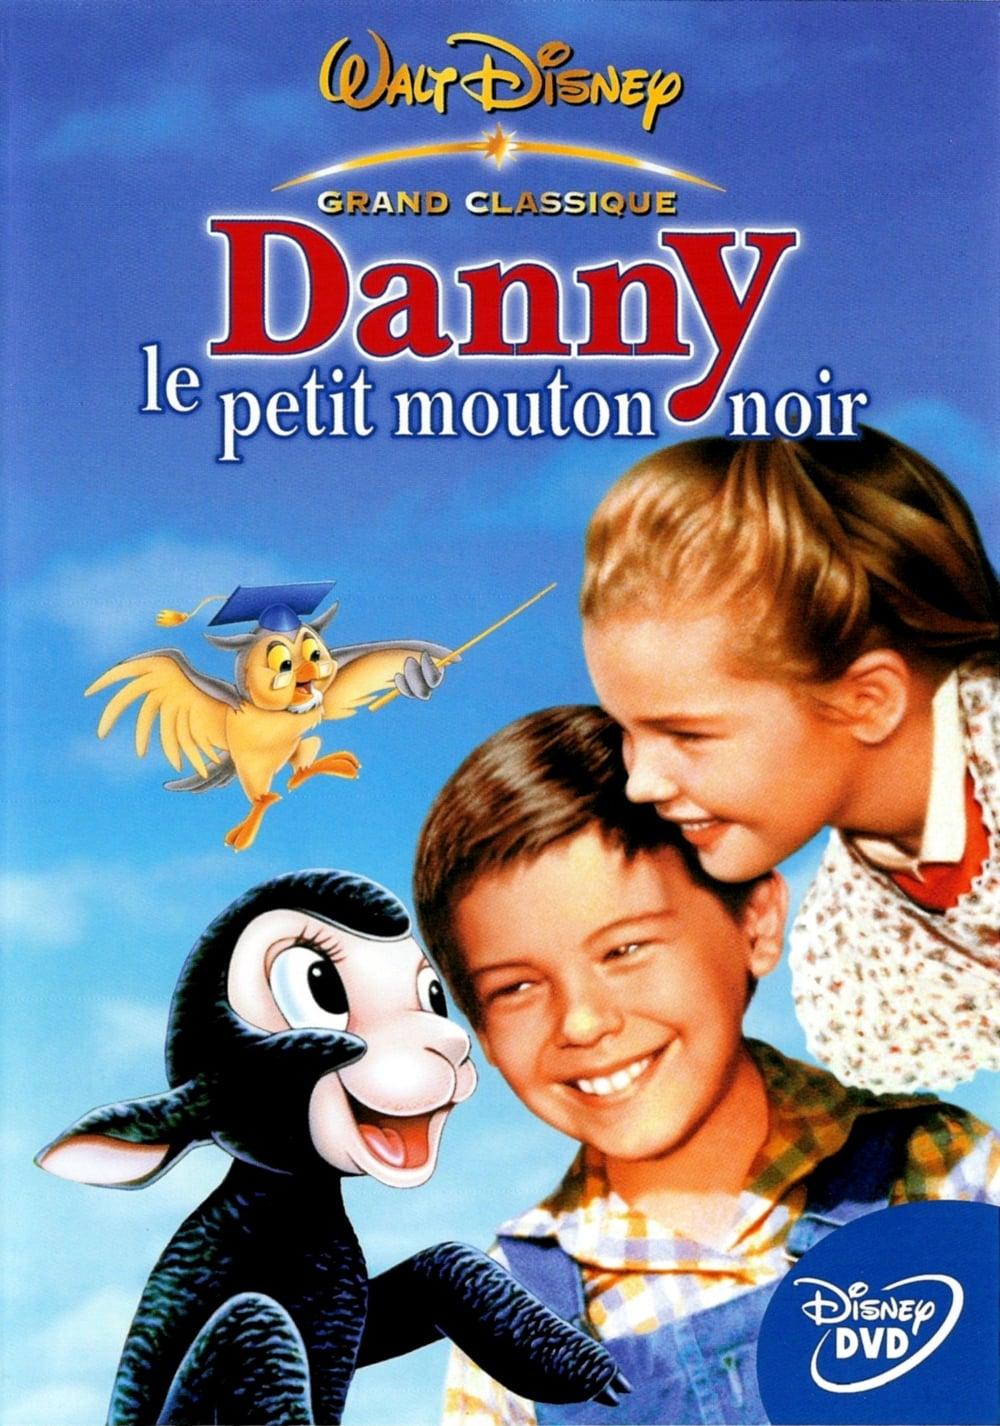 affiche du film Danny le petit mouton noir